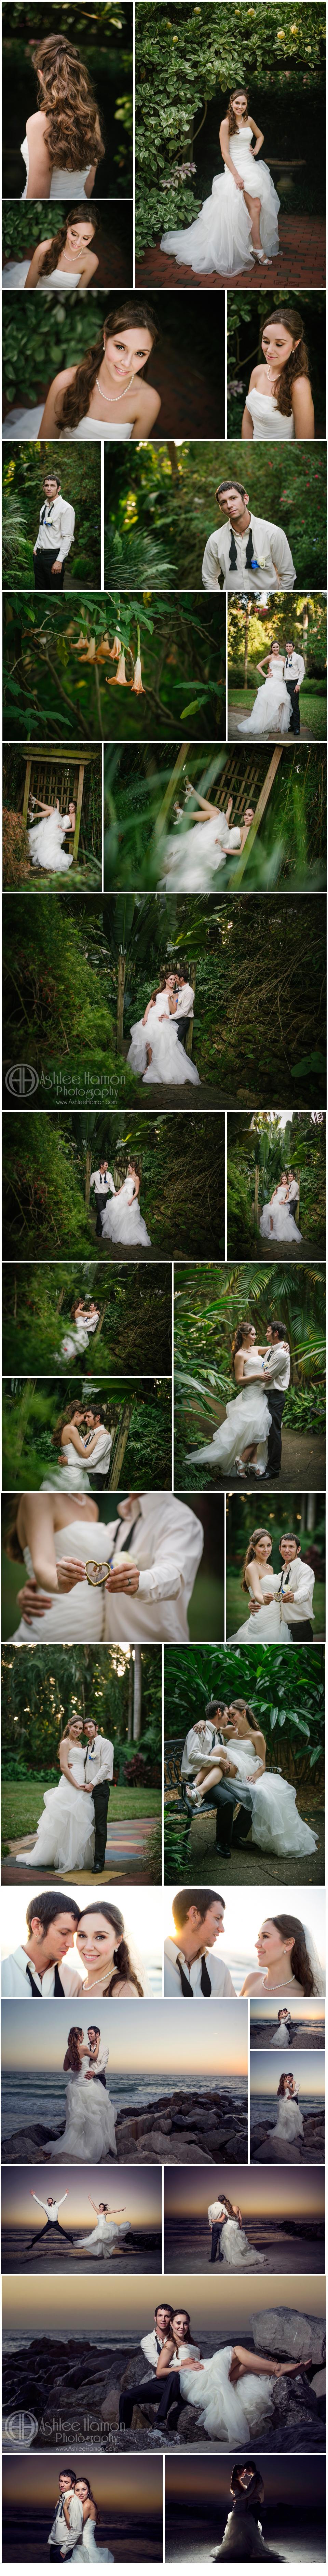 Rock the Dress at Sunken Gardens